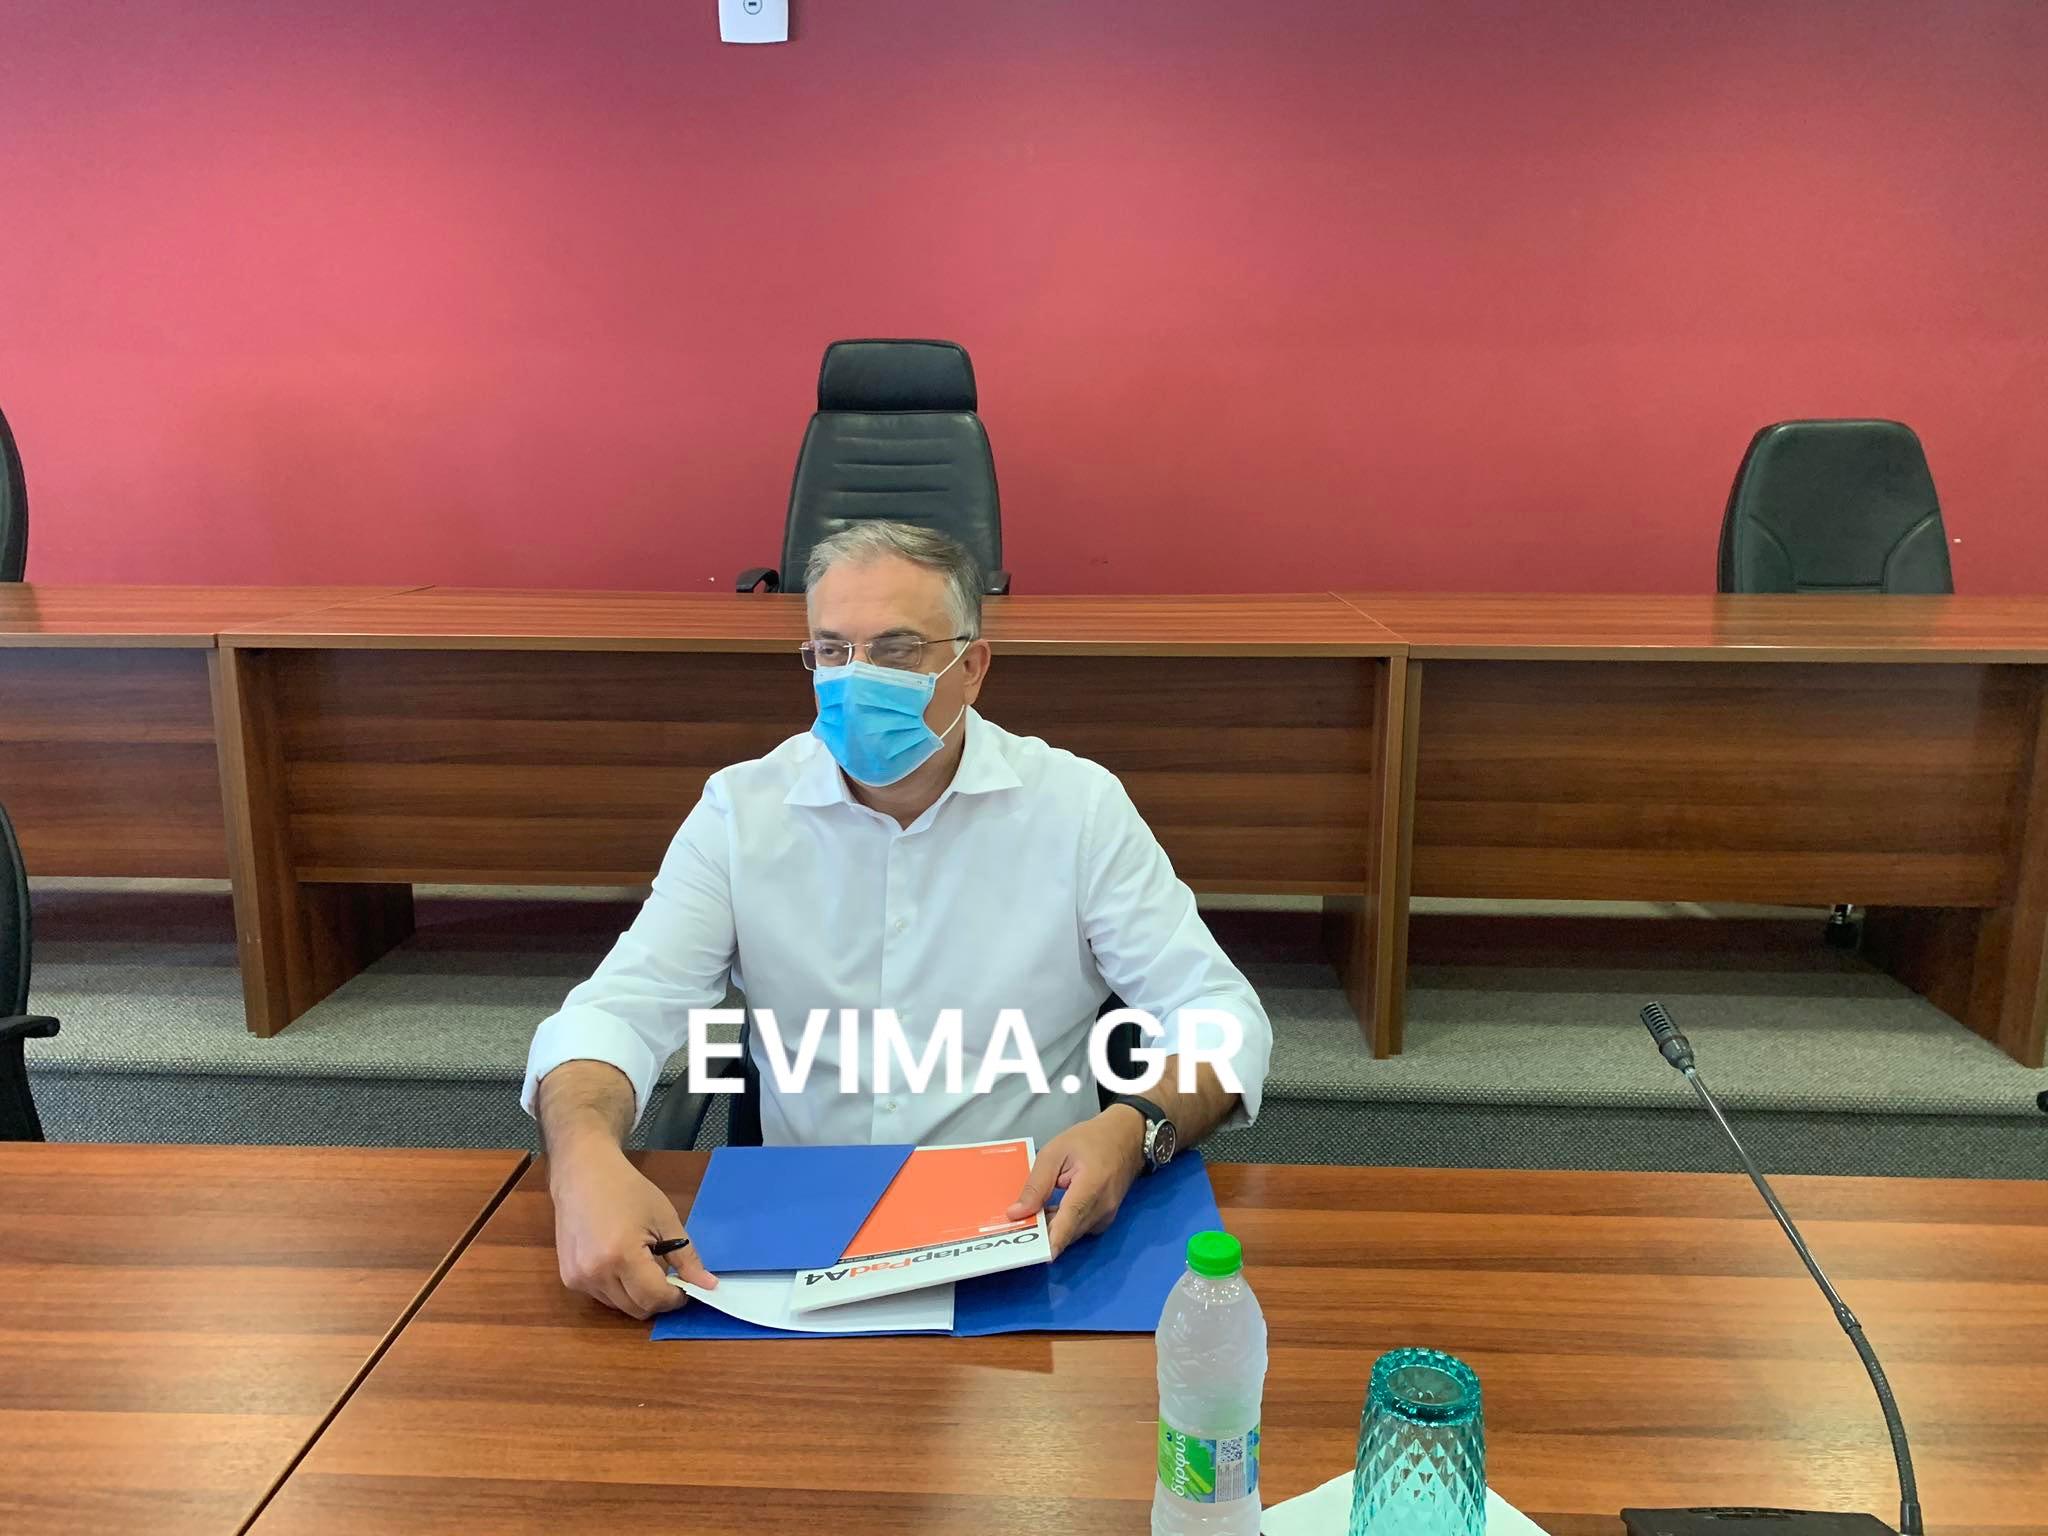 Αποκλειστικό: Θεοδωρικάκος από τη Χαλκίδα: Από αύριο θα δοθούν στους πολίτες που επλήγησαν από την κακοκαιρία τα 600 ευρώ